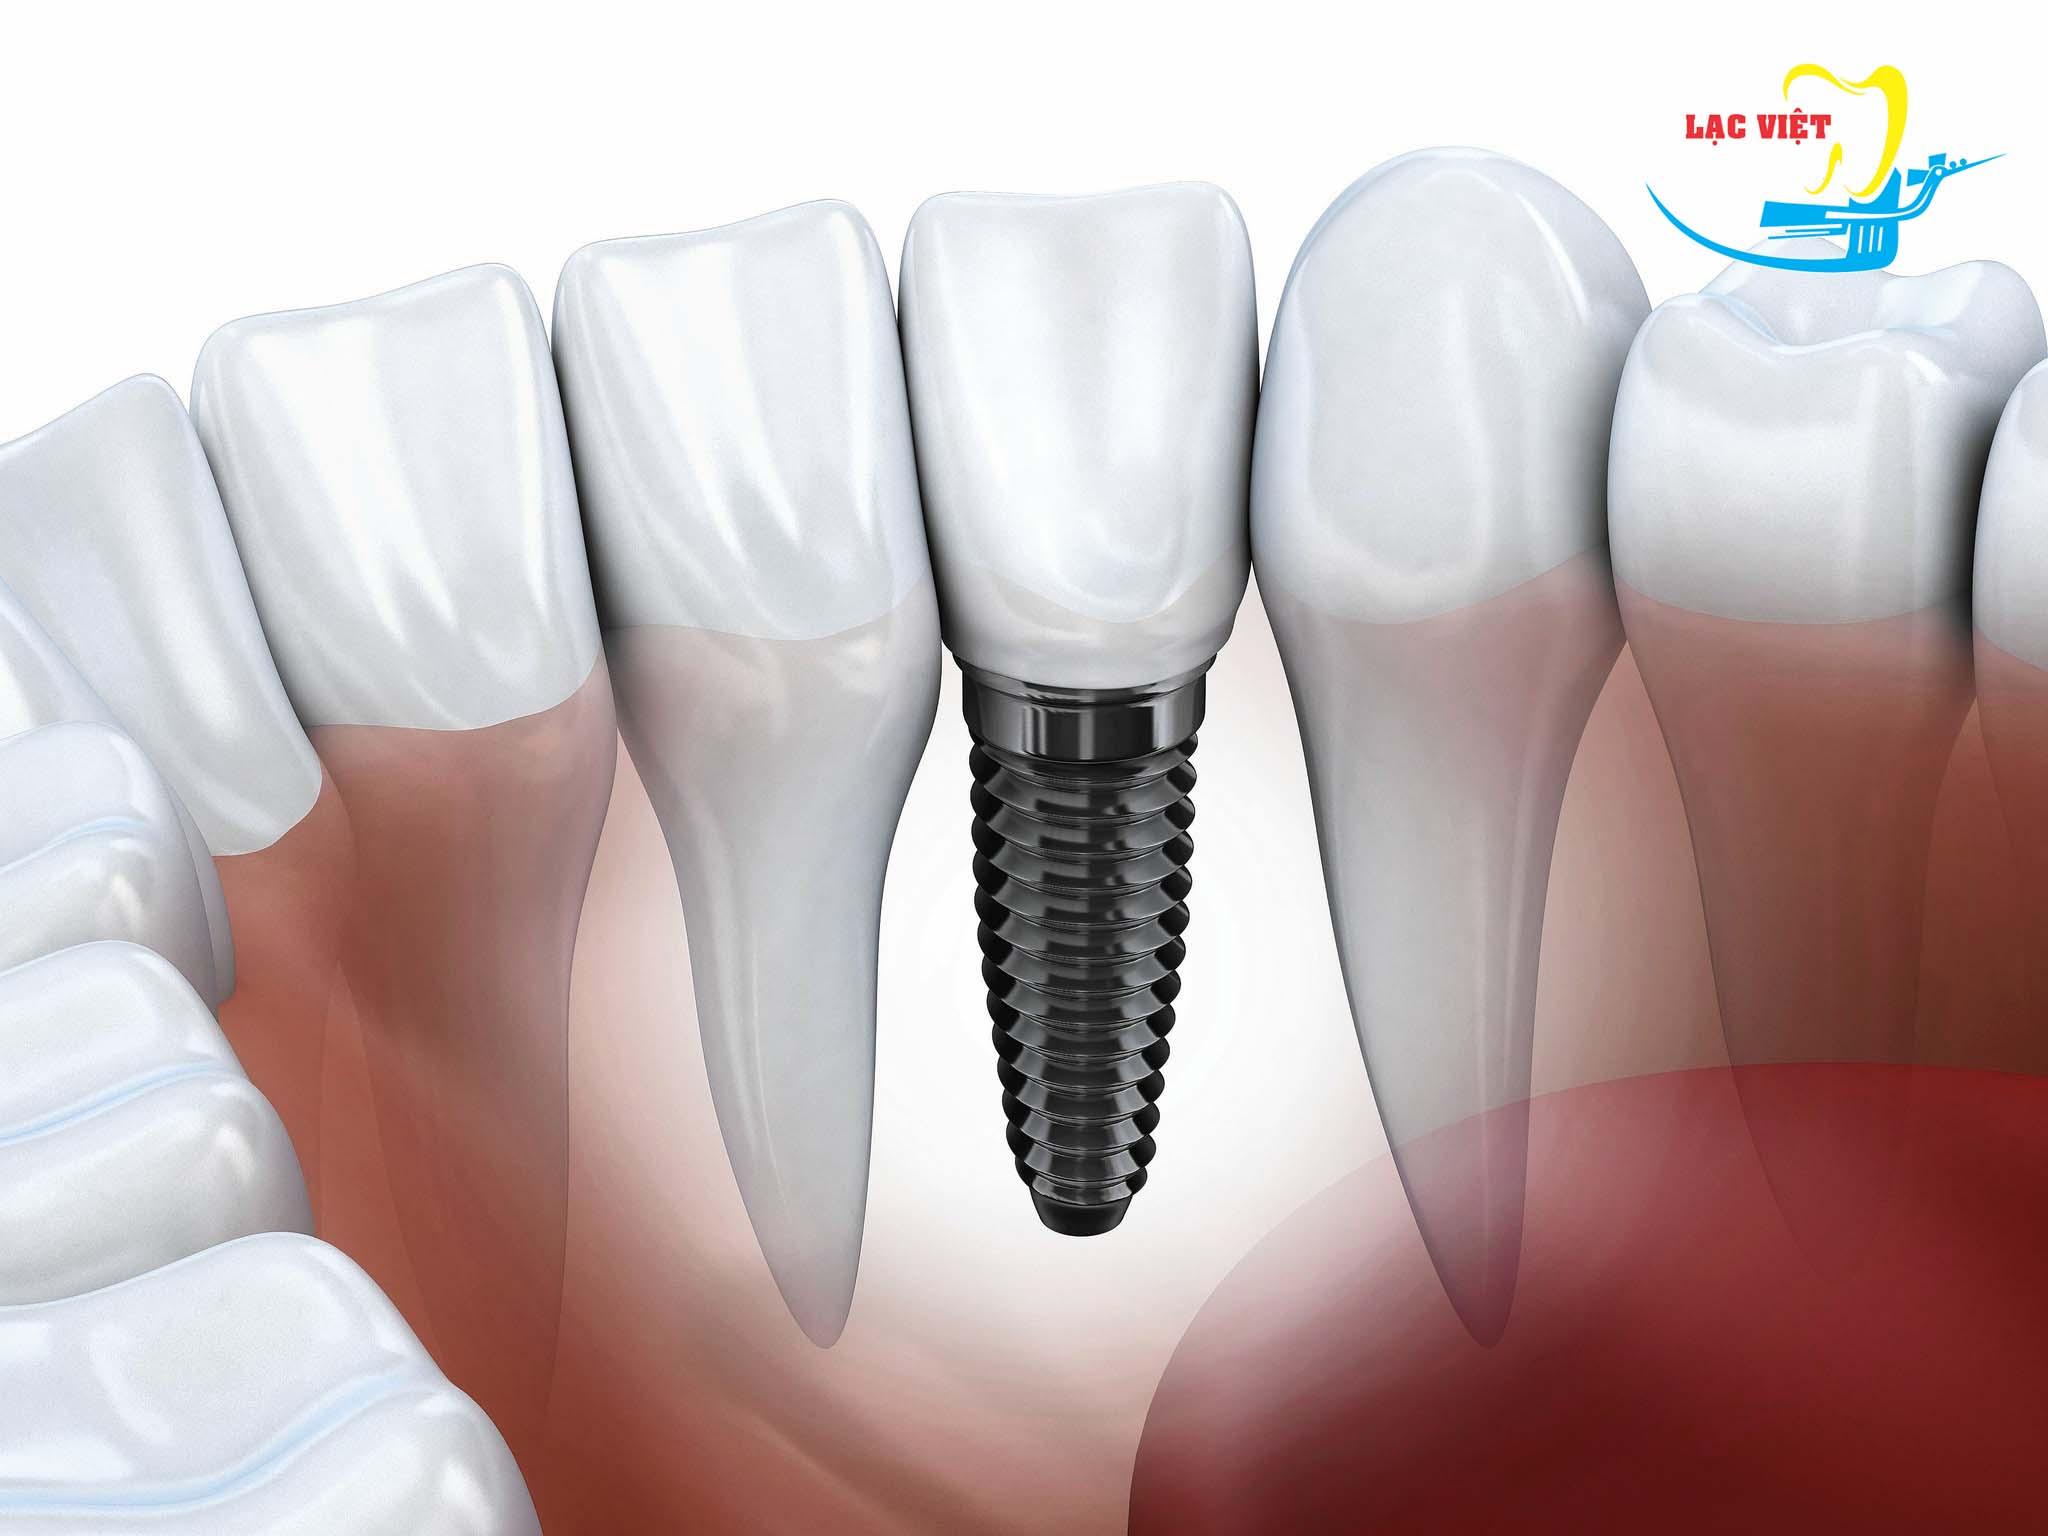 Nếu trồng răng giả tháo lắp không phải là lựa chọn tối ưu thì đâu mới phương pháp phục hình răng tốt nhất